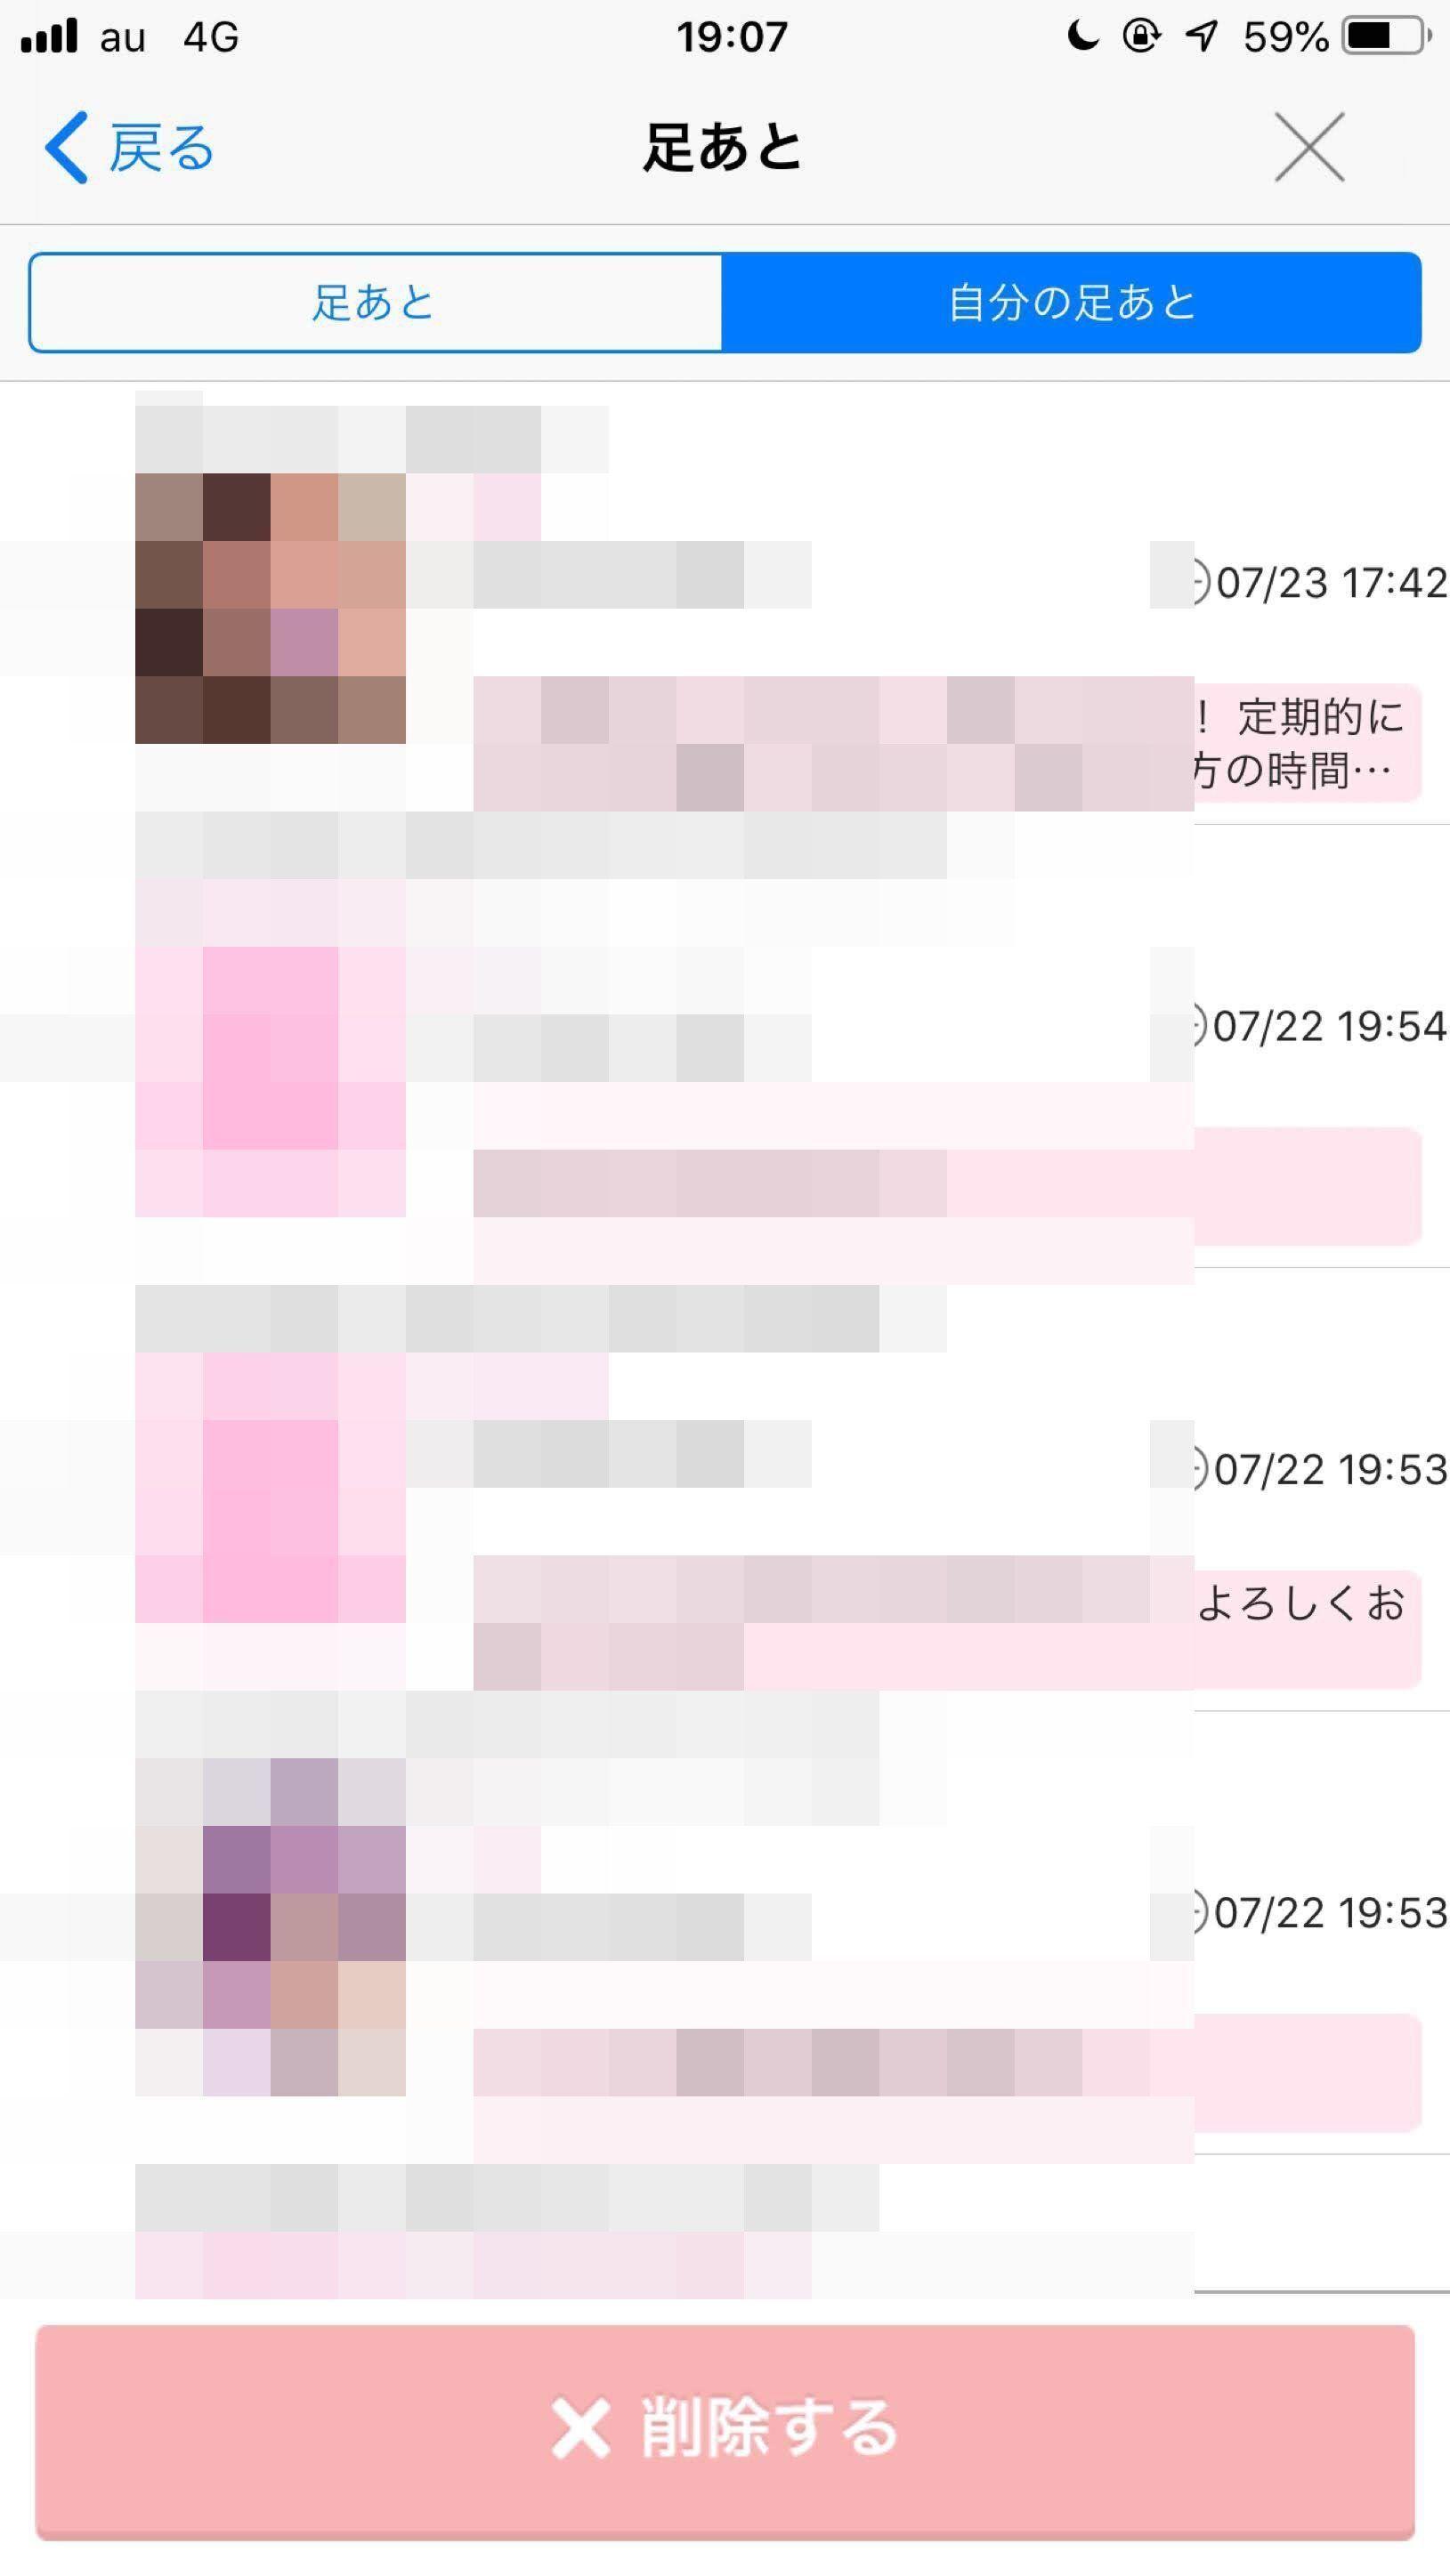 ハッピー メール ログイン 画面